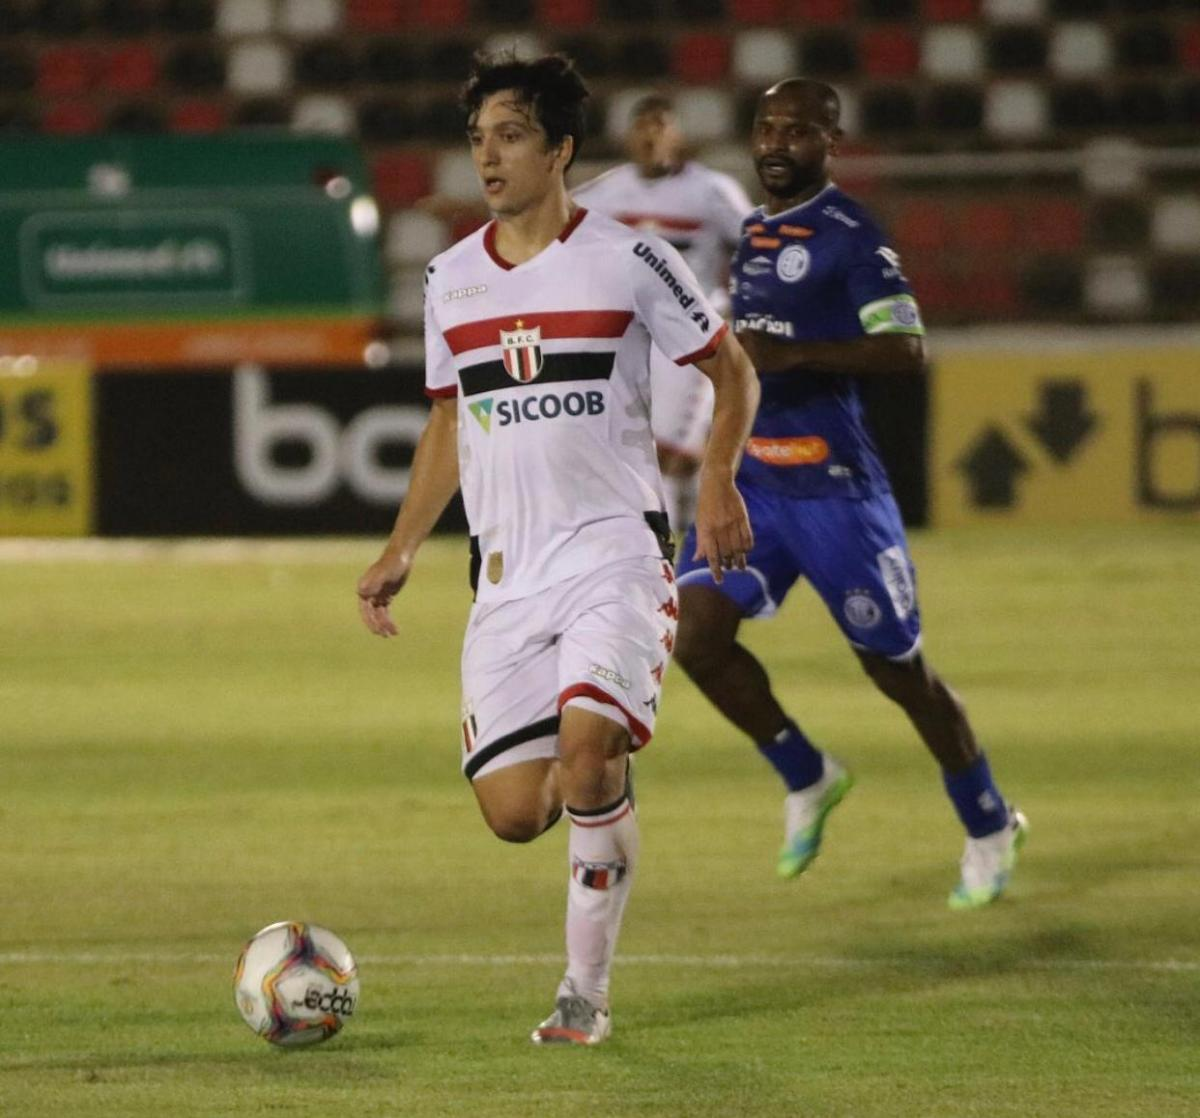 Foto: ascom/ Botafogo